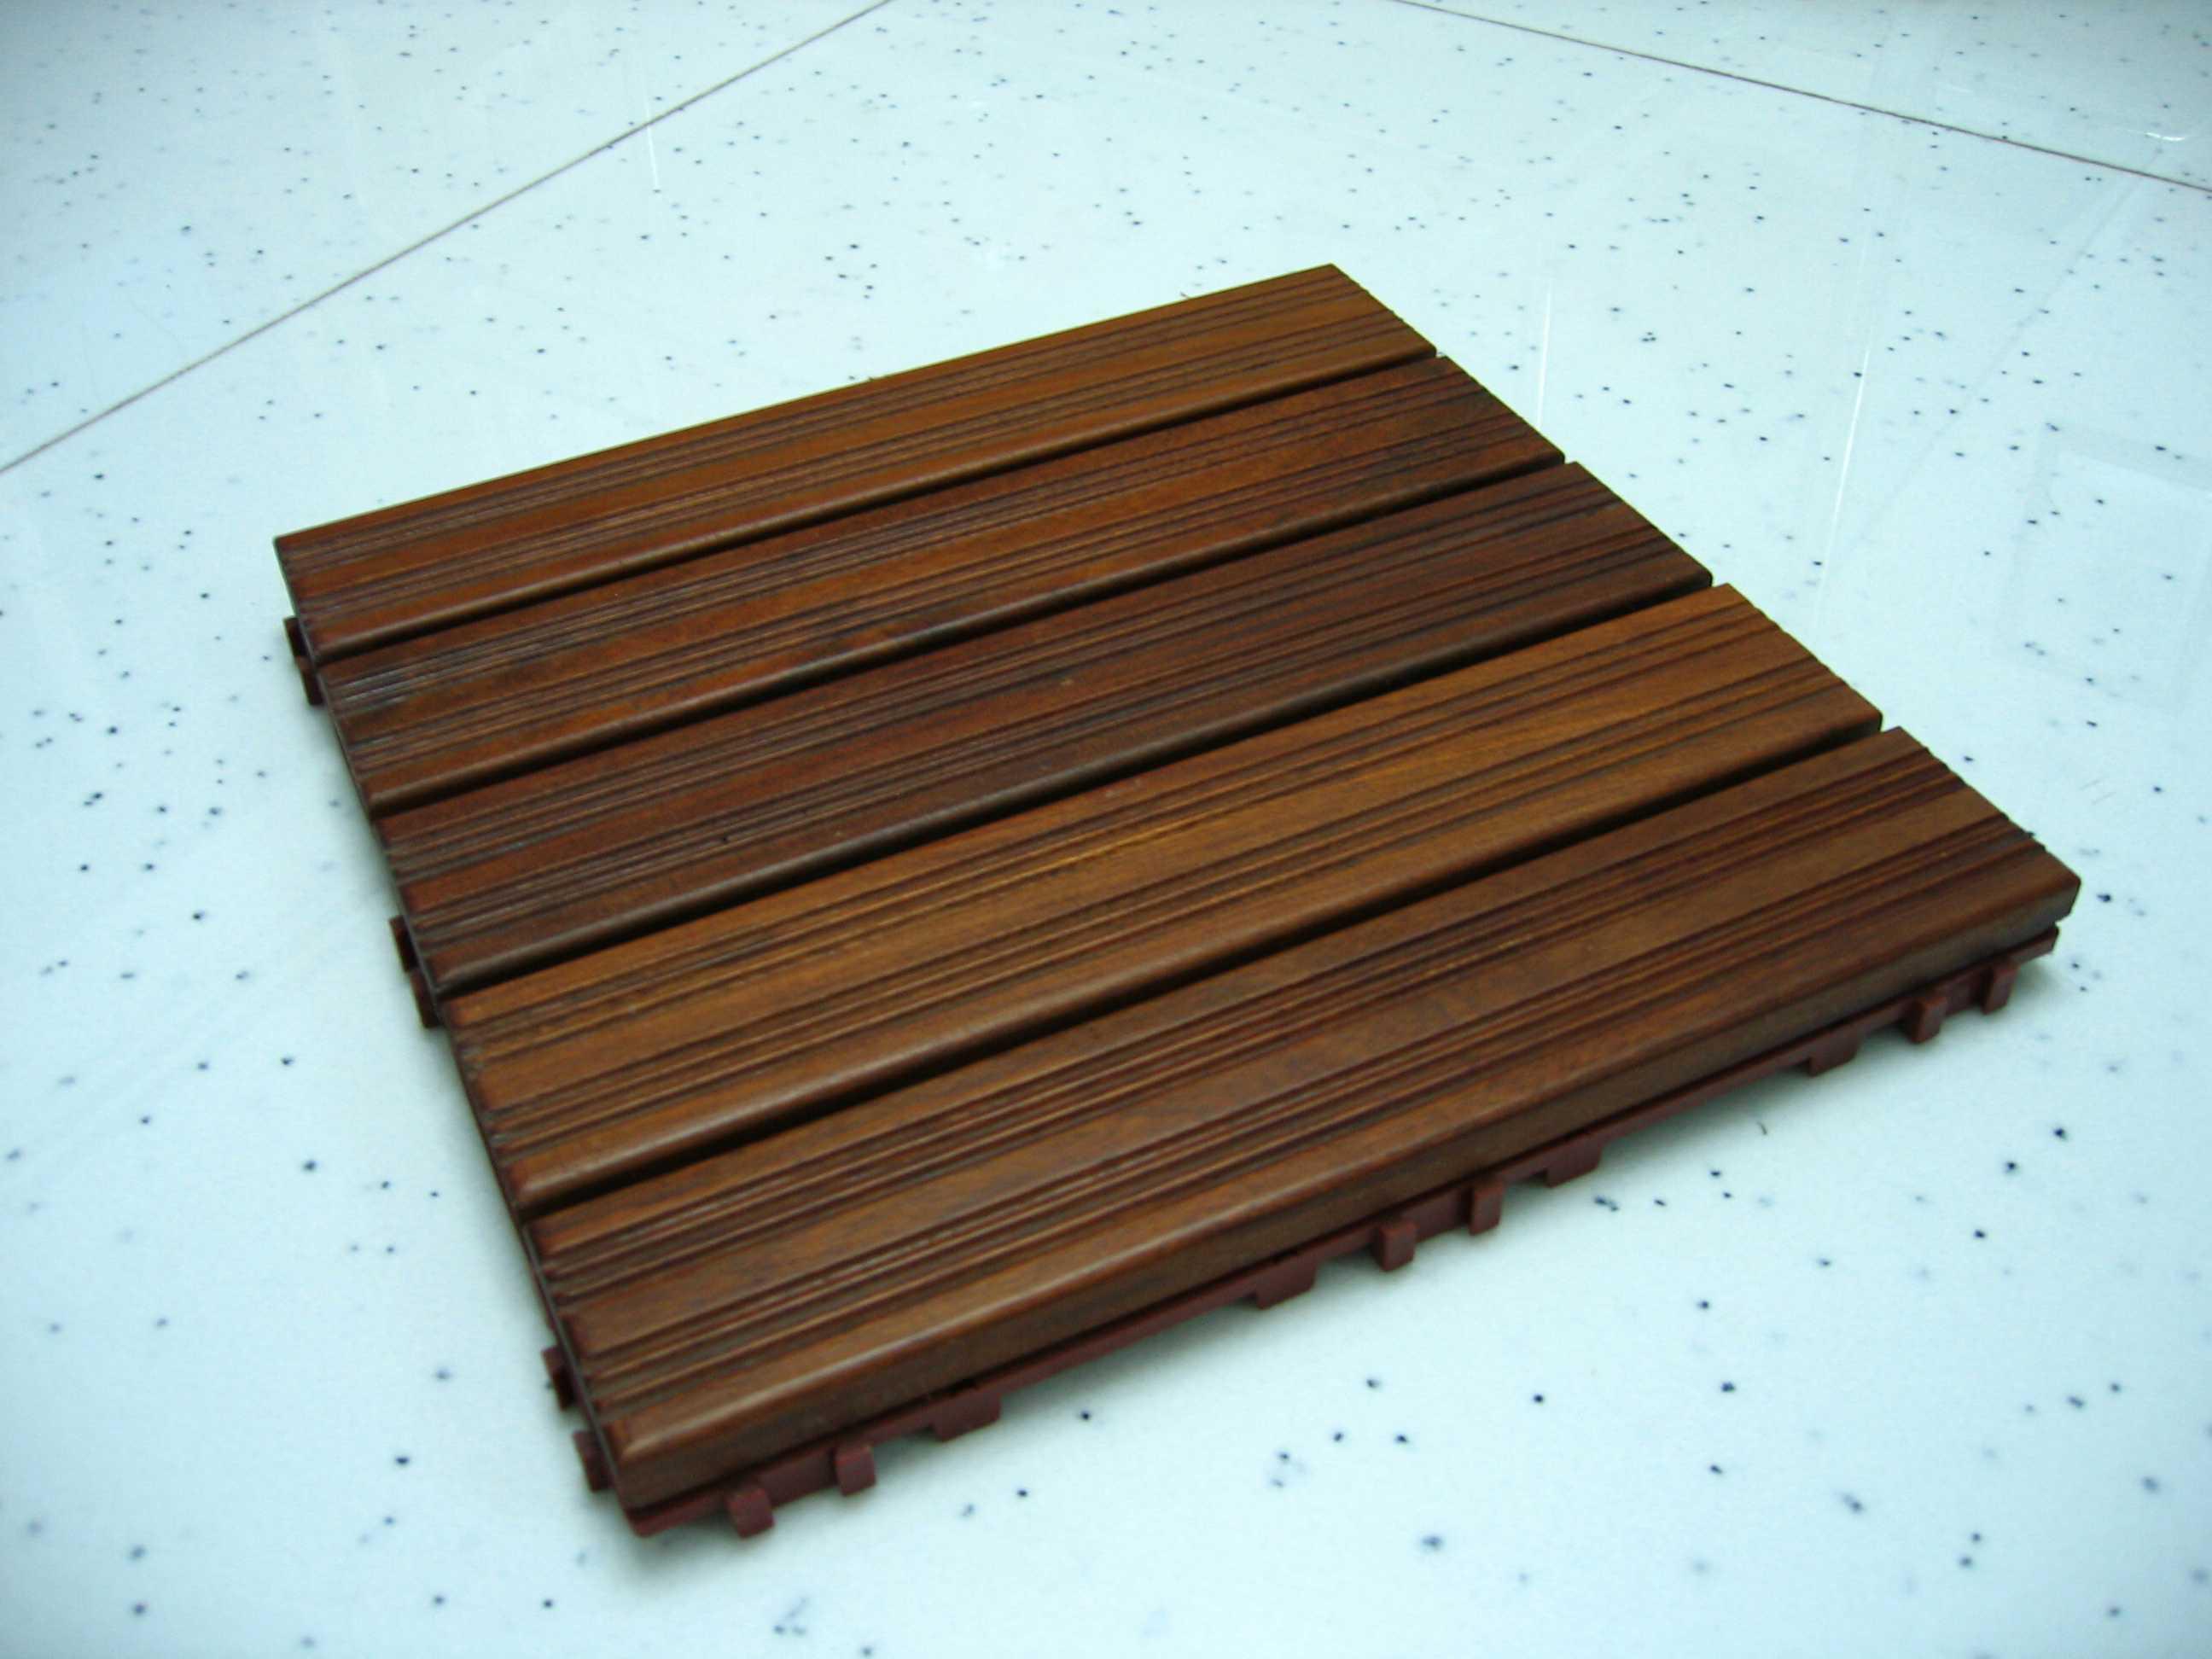 姐姐家装修,剩余一些材料,看看这里有没有JM合用的哈, 先来防水木地板,借一段网上的介绍, 防水木地板表面的沟槽设计能够起到防滑、按摩的作用。木地板下面还有一层特殊的网 状塑料支架可以令排水顺畅,上下两层以插接式连接,易于安装、拆卸,方便清洗。 这种拼装出的浴室地面极富自然朴实的美感,踏入浴室也可以像在卧房一样光着脚丫, 不再有冰凉的感觉了。方形防水组合木地板,非常适合铺装在潮湿的浴室里,底层用塑胶垫 安装,拆卸很方便,不需要什么特殊保养,稳定性很高 来看看正面,尺寸是31.